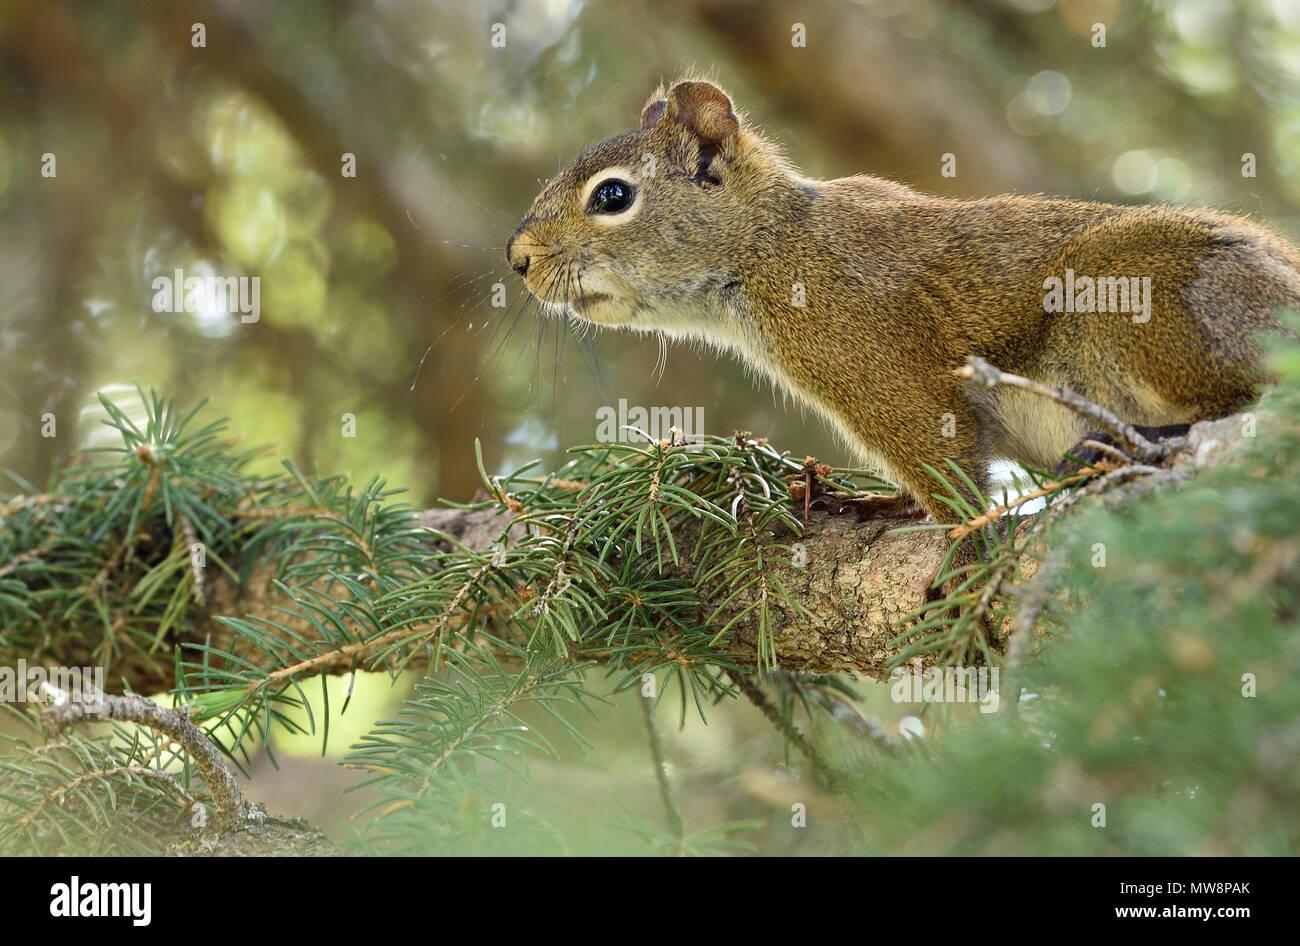 Un côté horizontal voir l'image d'un écureuil rouge sur une branche d'arbre Photo Stock